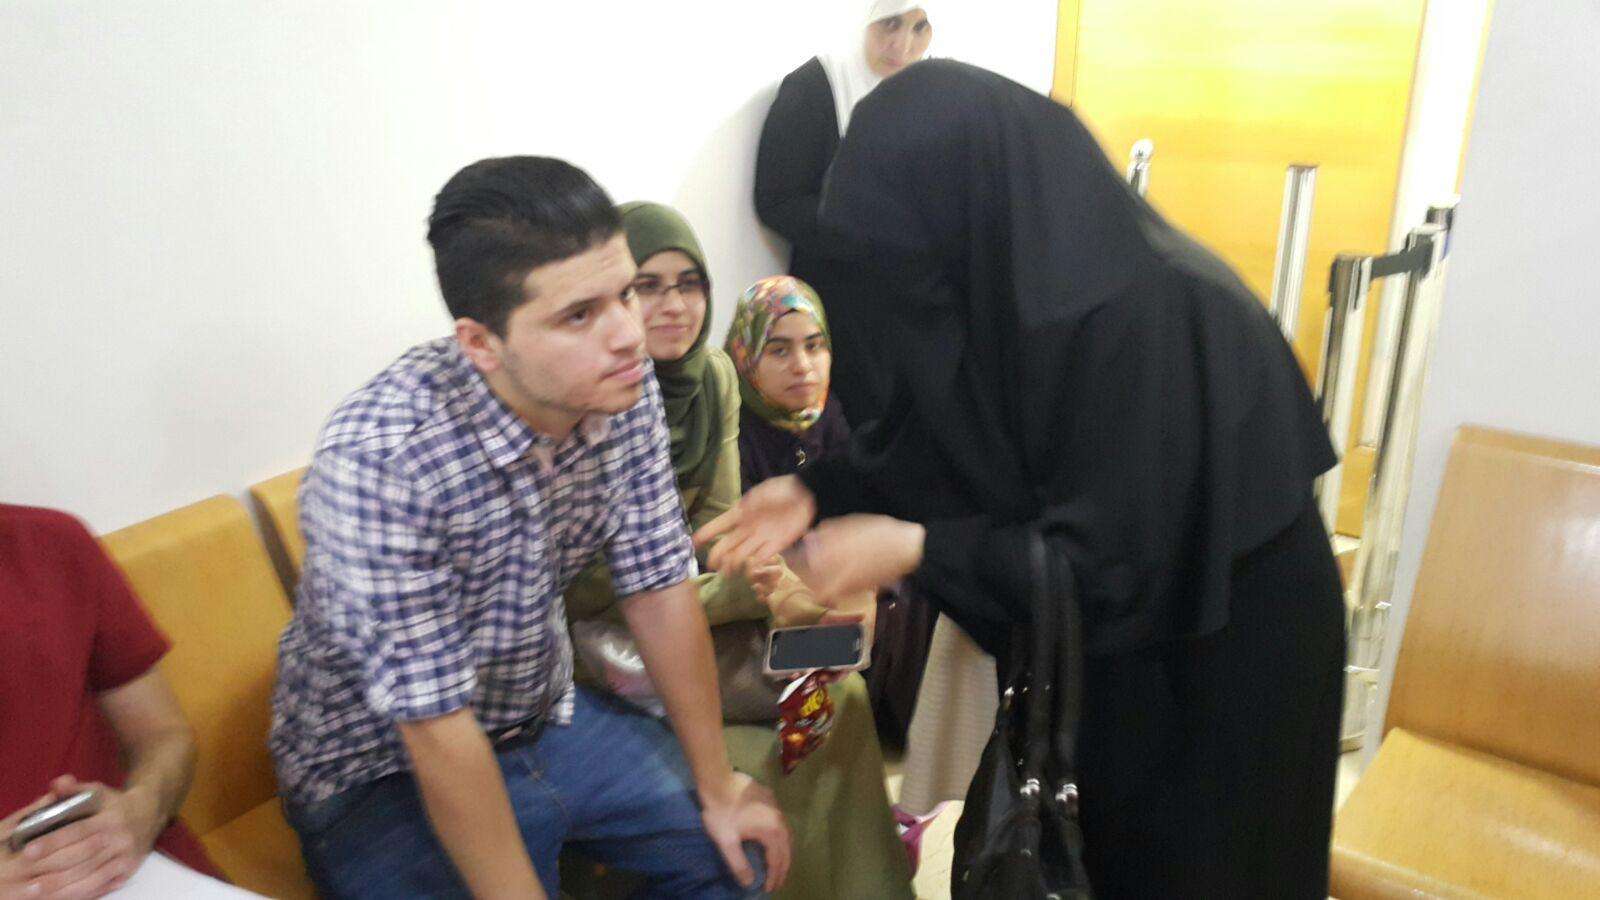 لائحة اتهام ضد الشيخ رائد صلاح بالتحريض على العنف والإرهاب